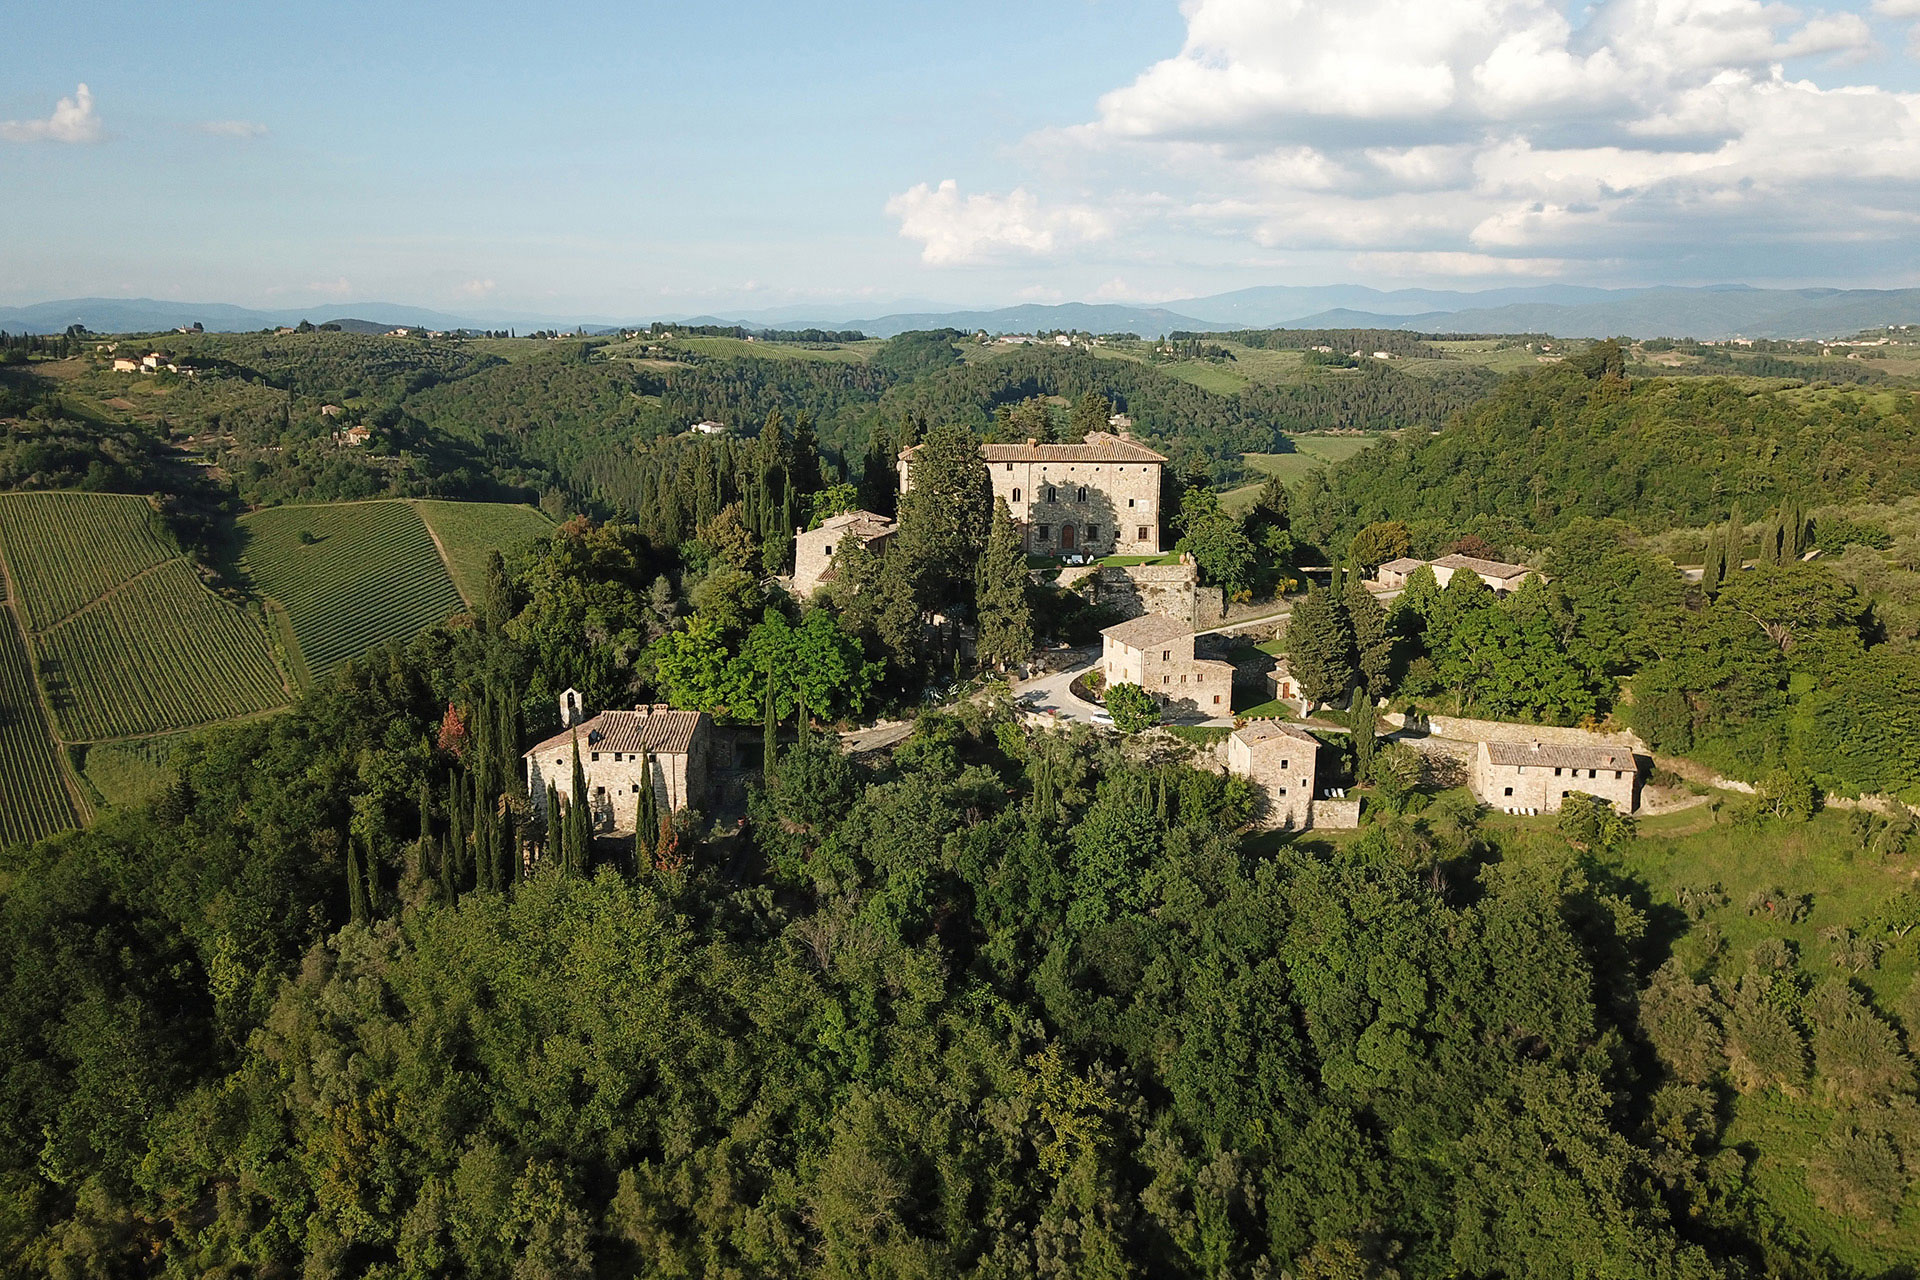 Niccolo Giotto